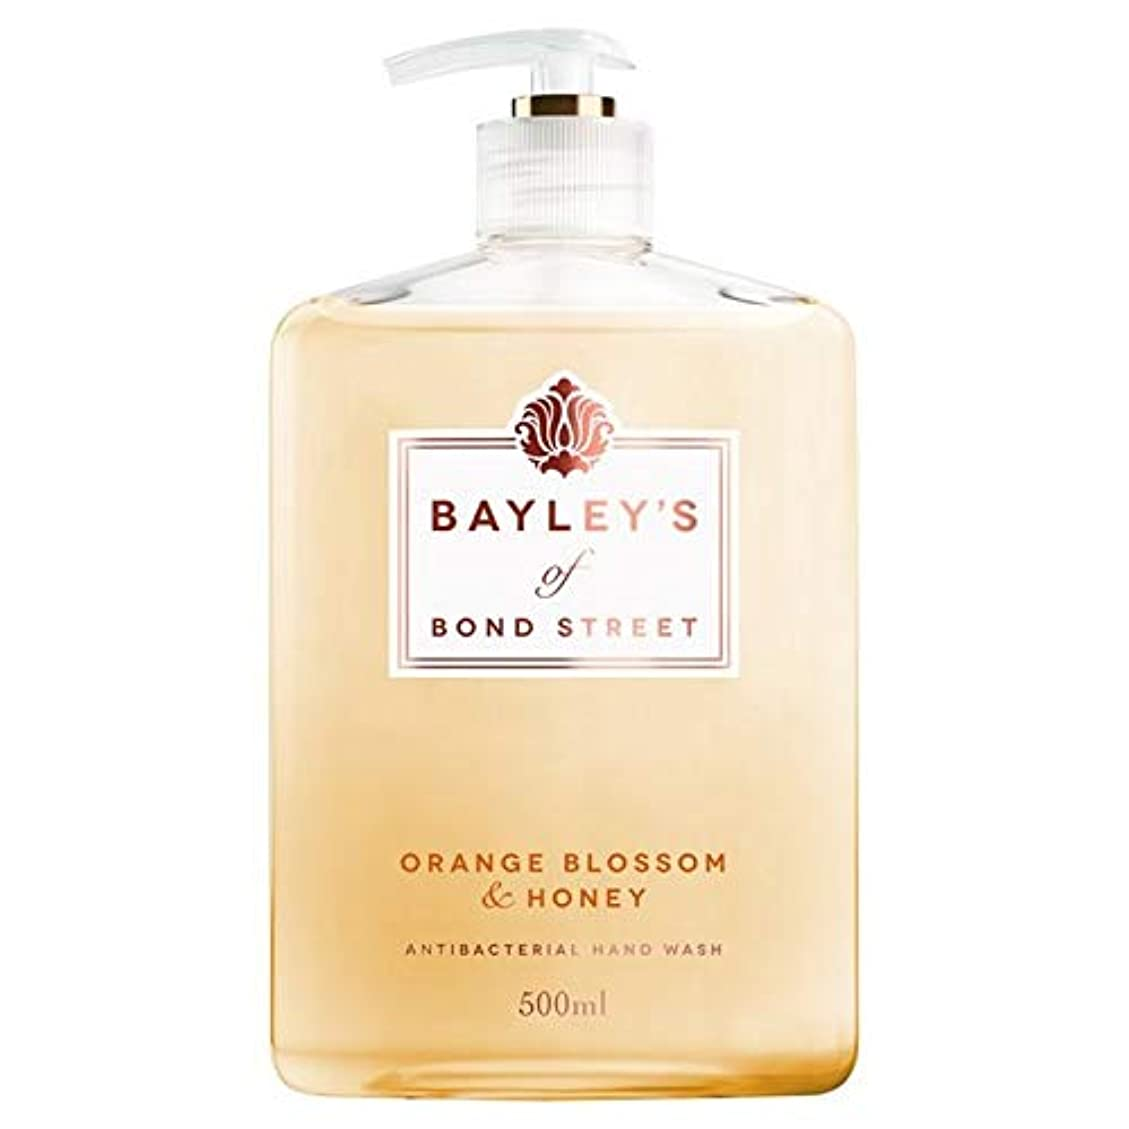 引っ張るセーターできる[Bayley's of Bond Street ] ベイリーのボンドストリートオレンジブロッサム&ハニーハンドウォッシュ500ミリリットルの - Bayley's of Bond Street Orange Blossom...